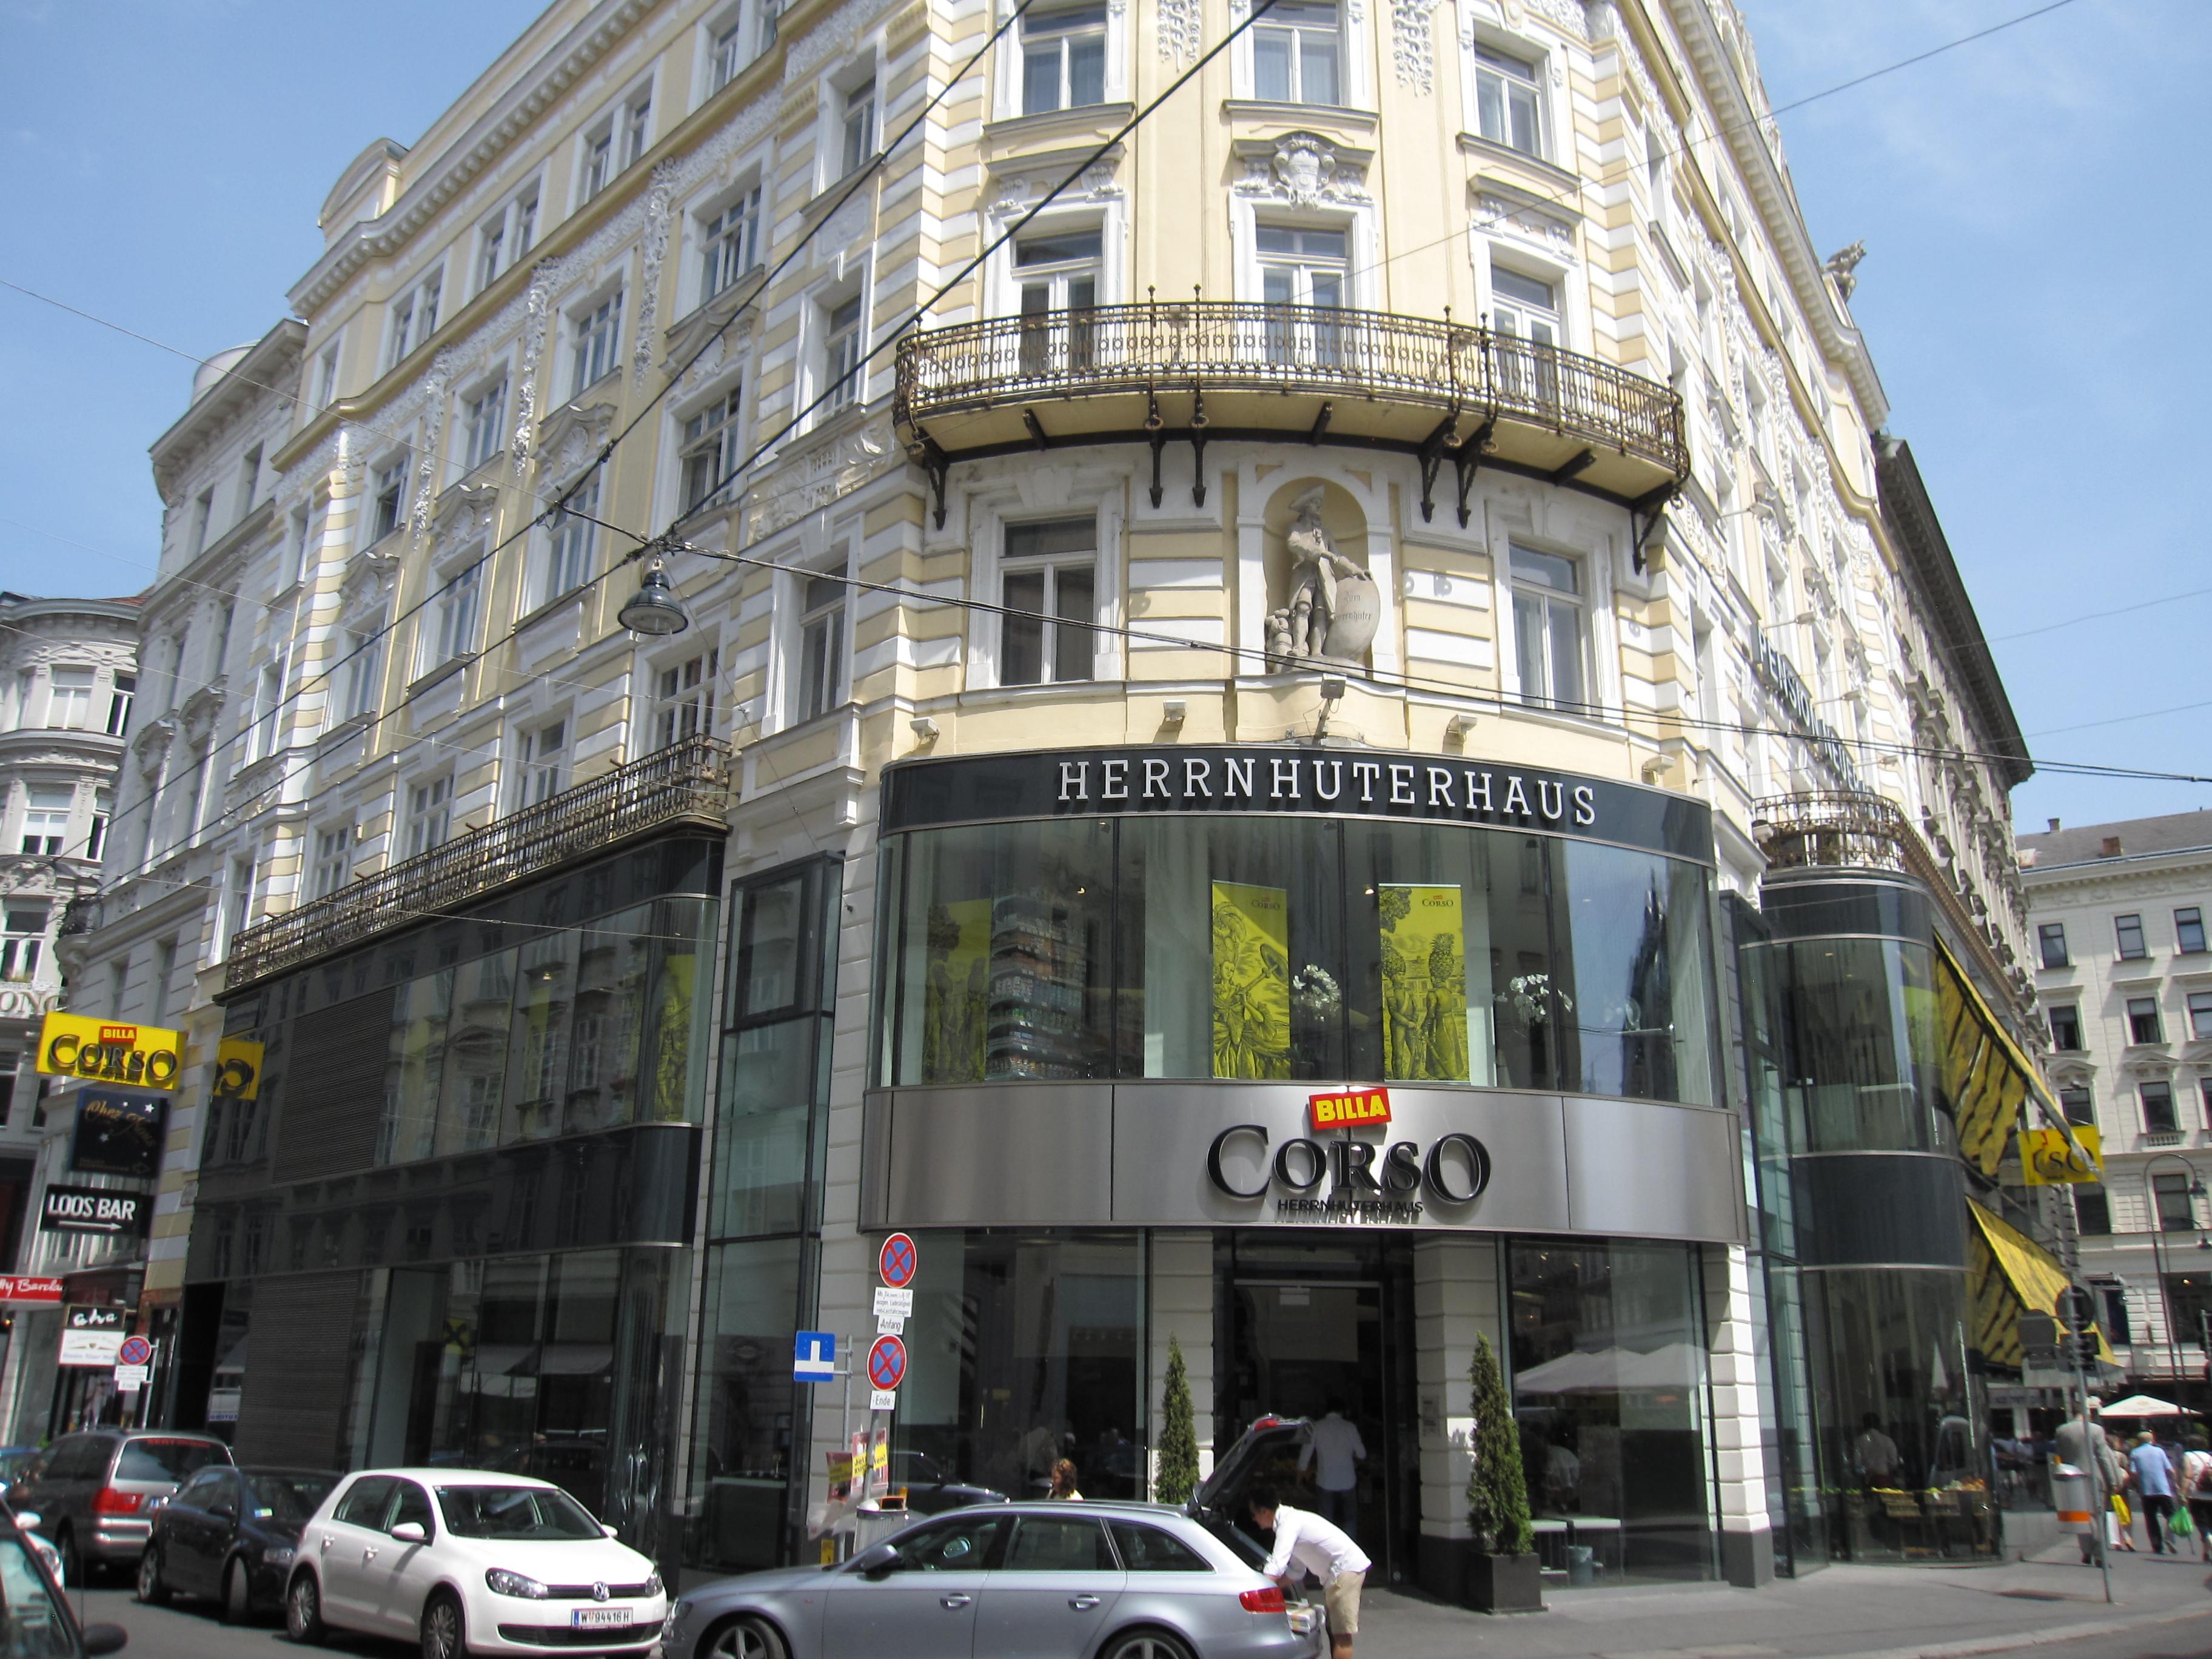 Fileherrnhuterhaus Vienna 3891jpg Wikimedia Commons